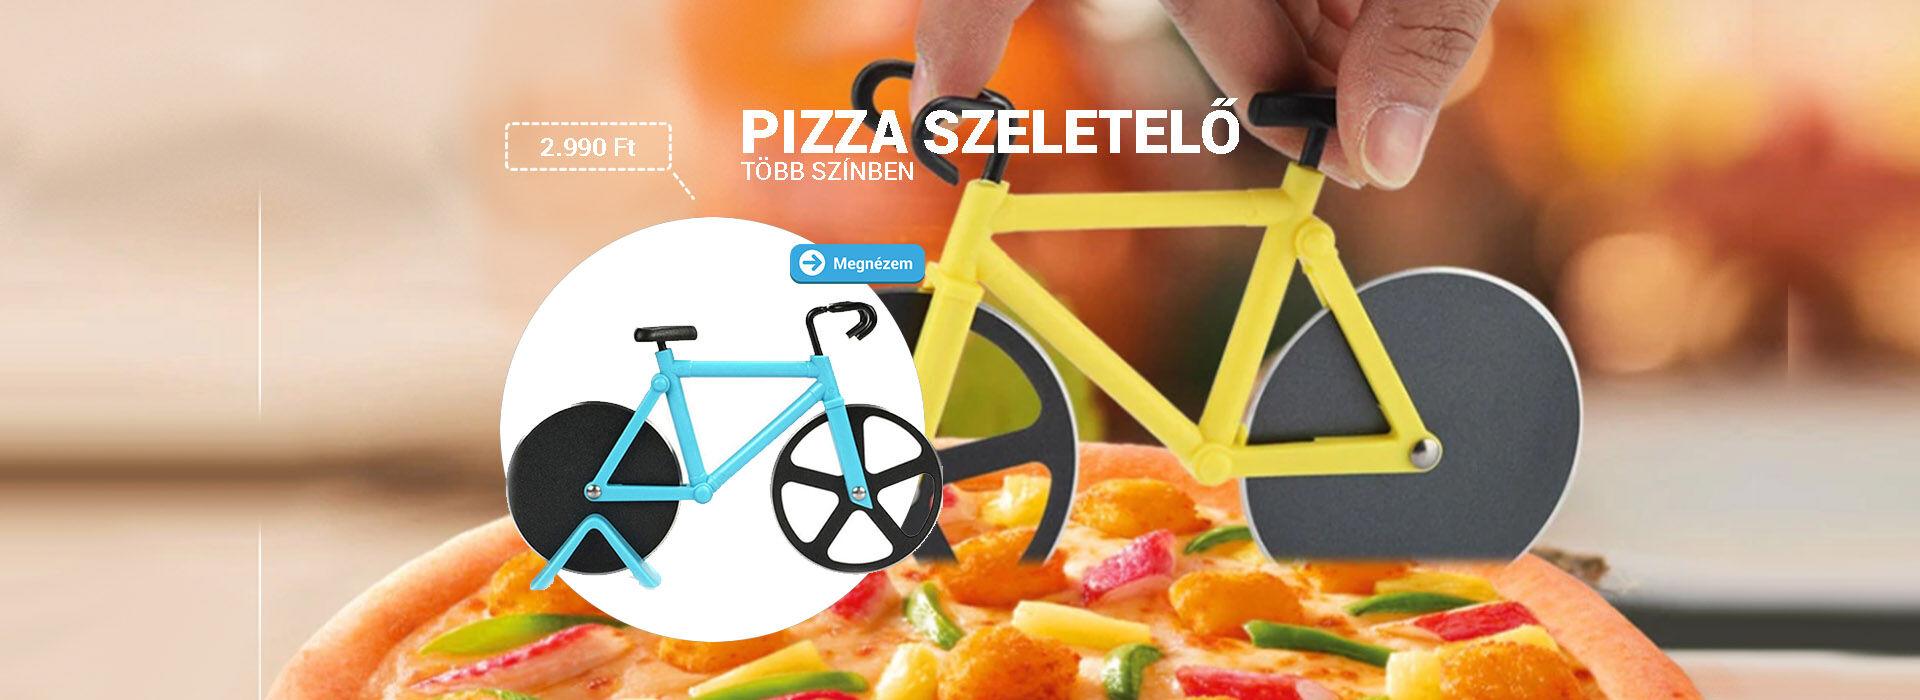 Pizza szeletelő bicikli